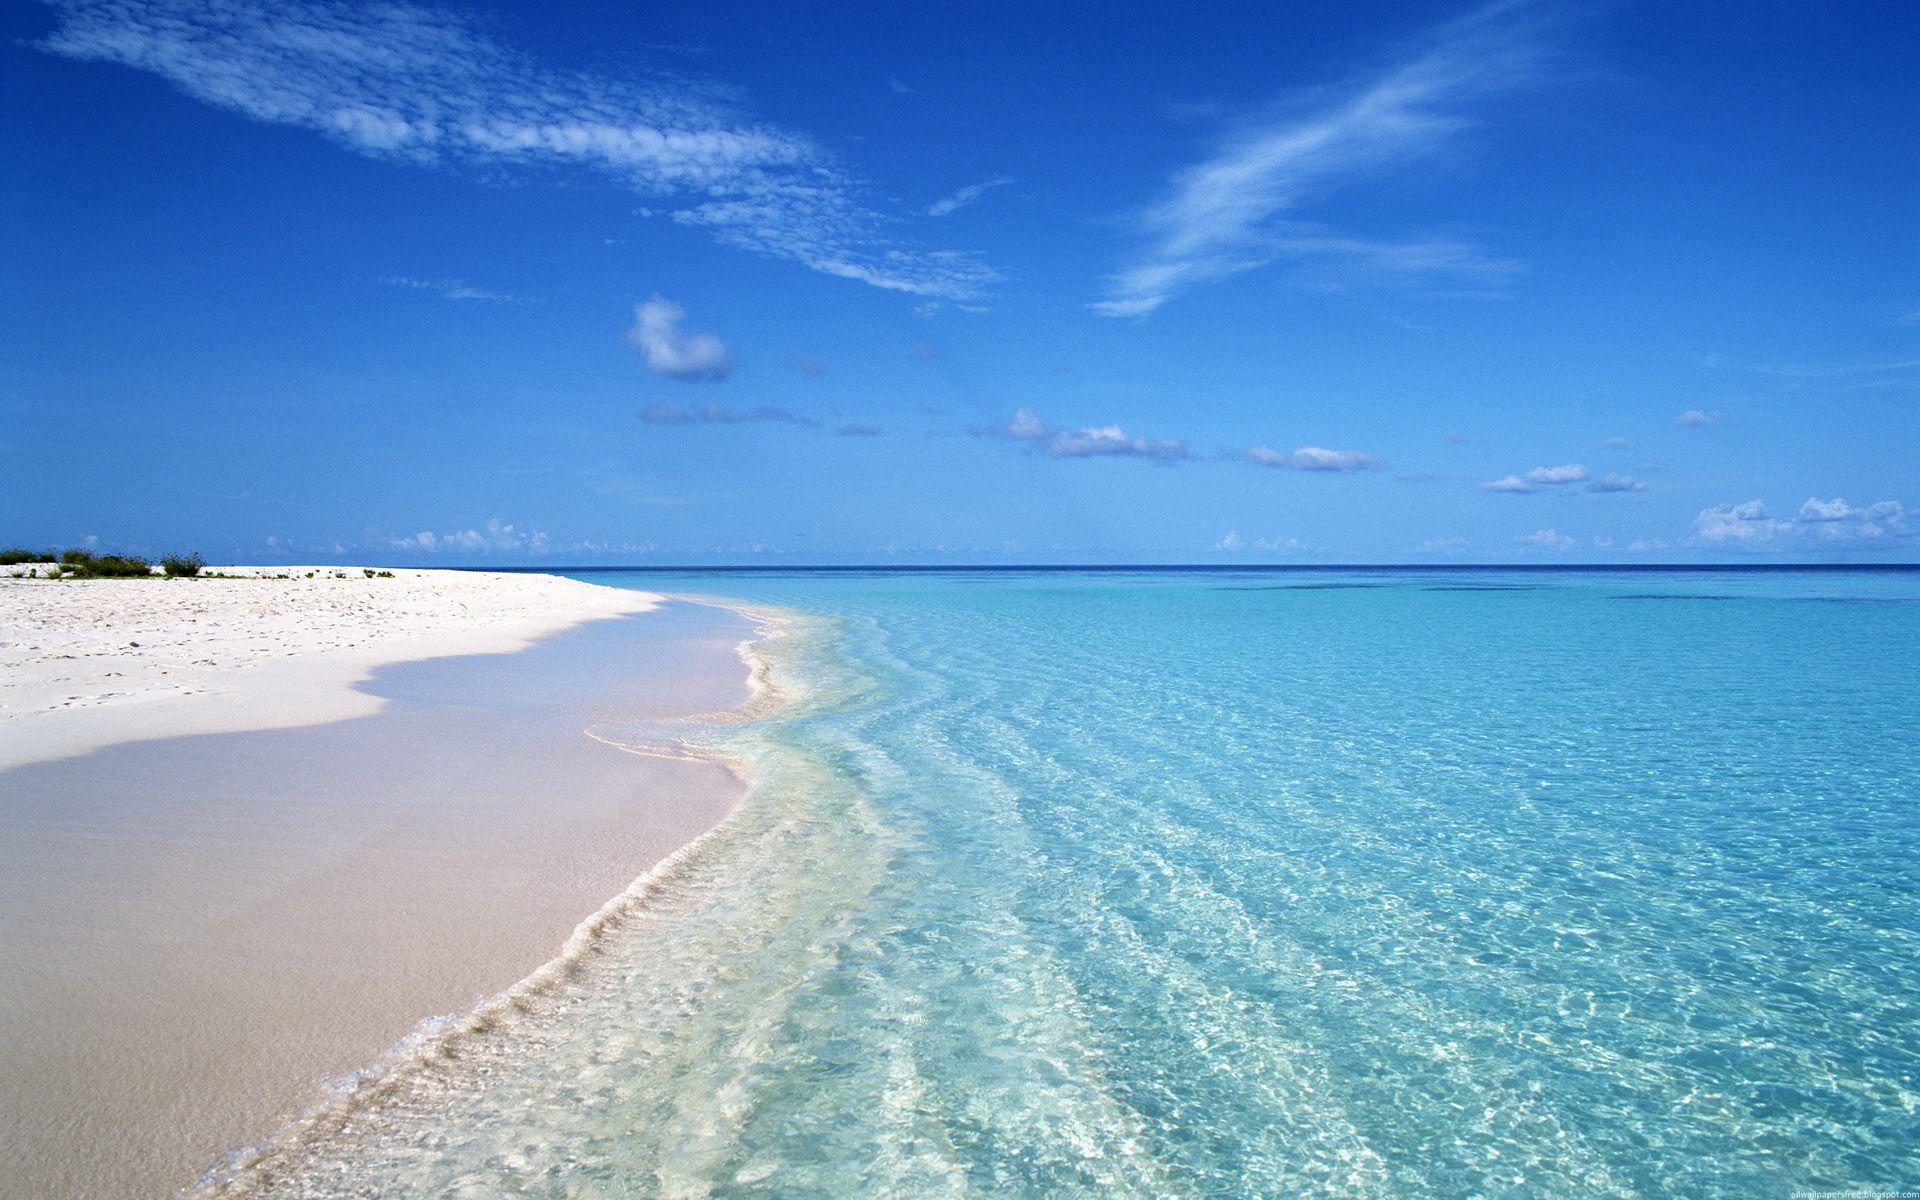 Hình Background phong cảnh trời xanh cát vàng